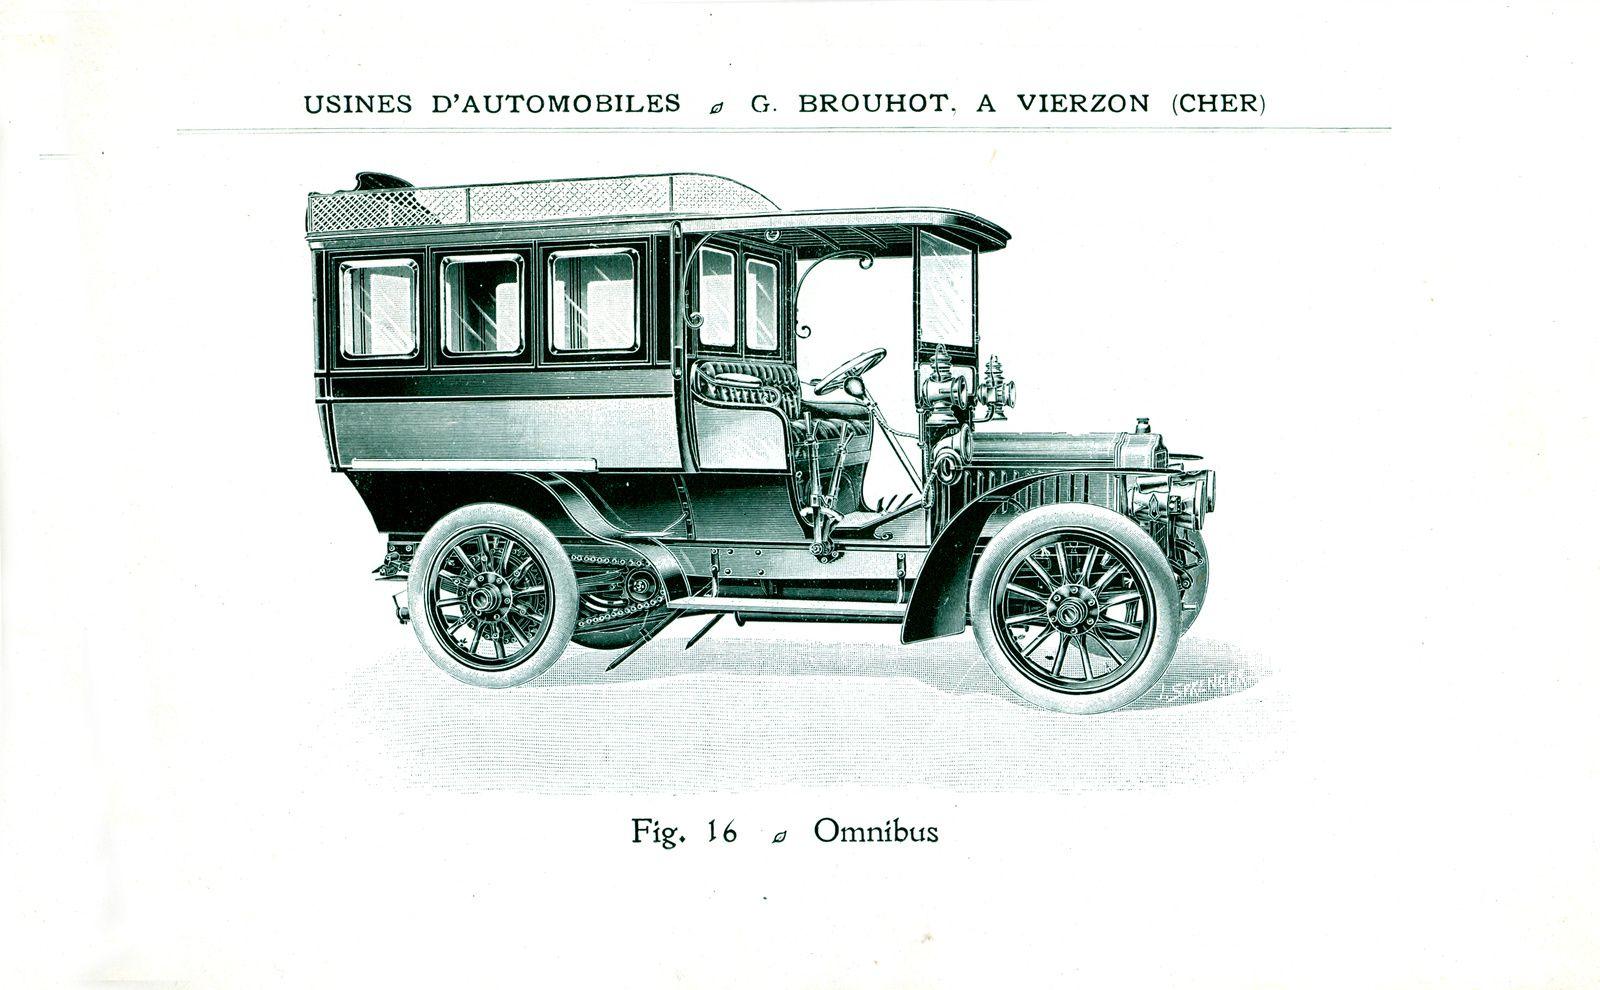 La formidable épopée des voitures vierzonnaises Brouhot